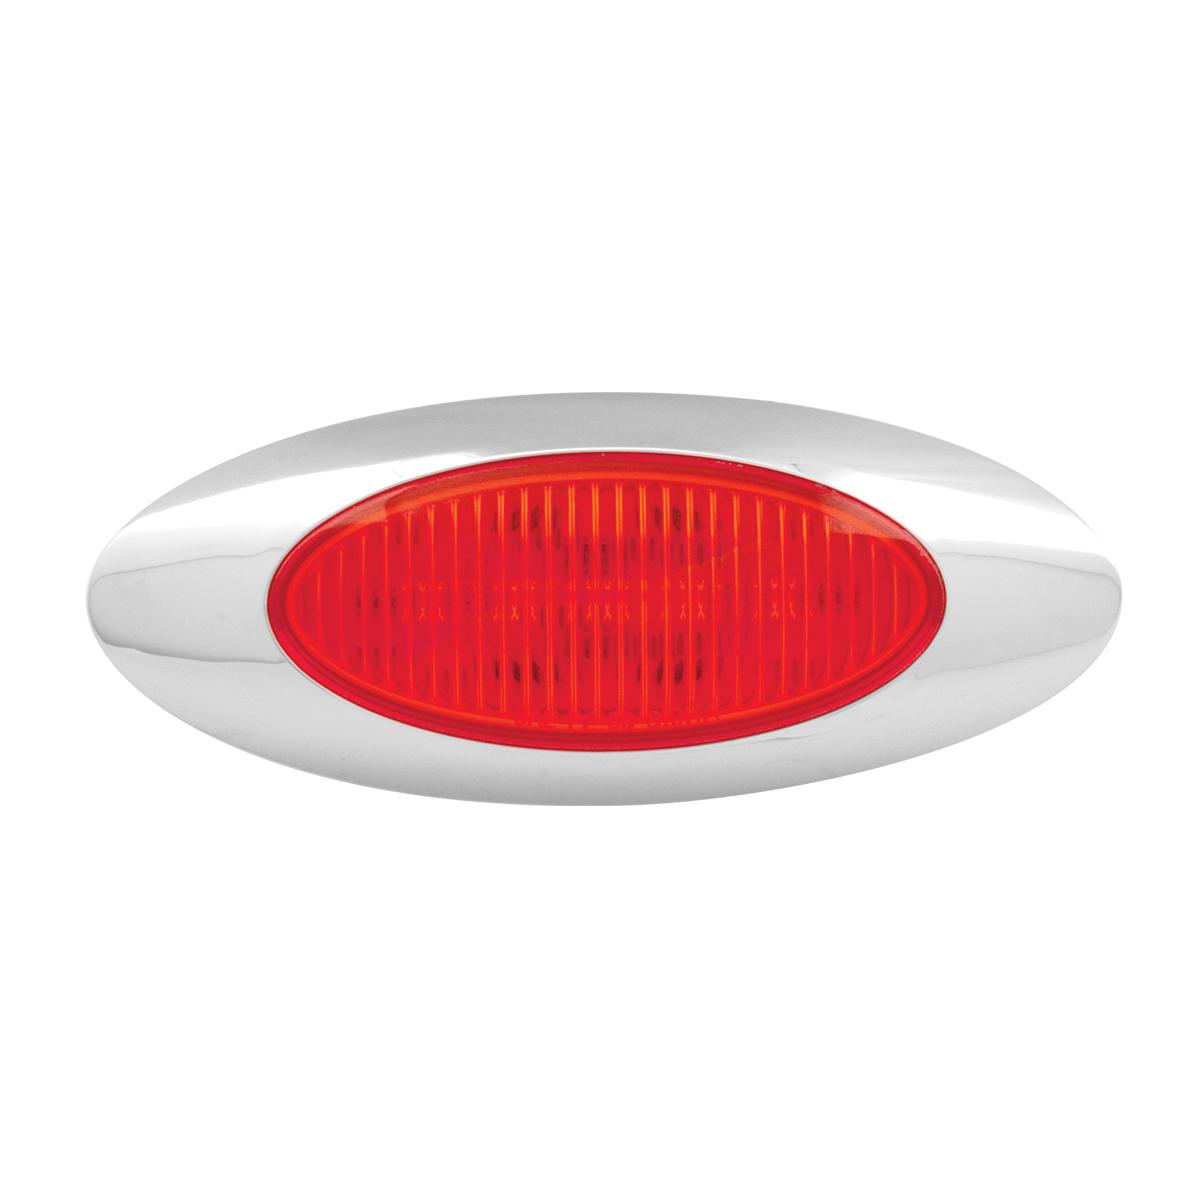 79453 Plug In Y2K LED Marker Light